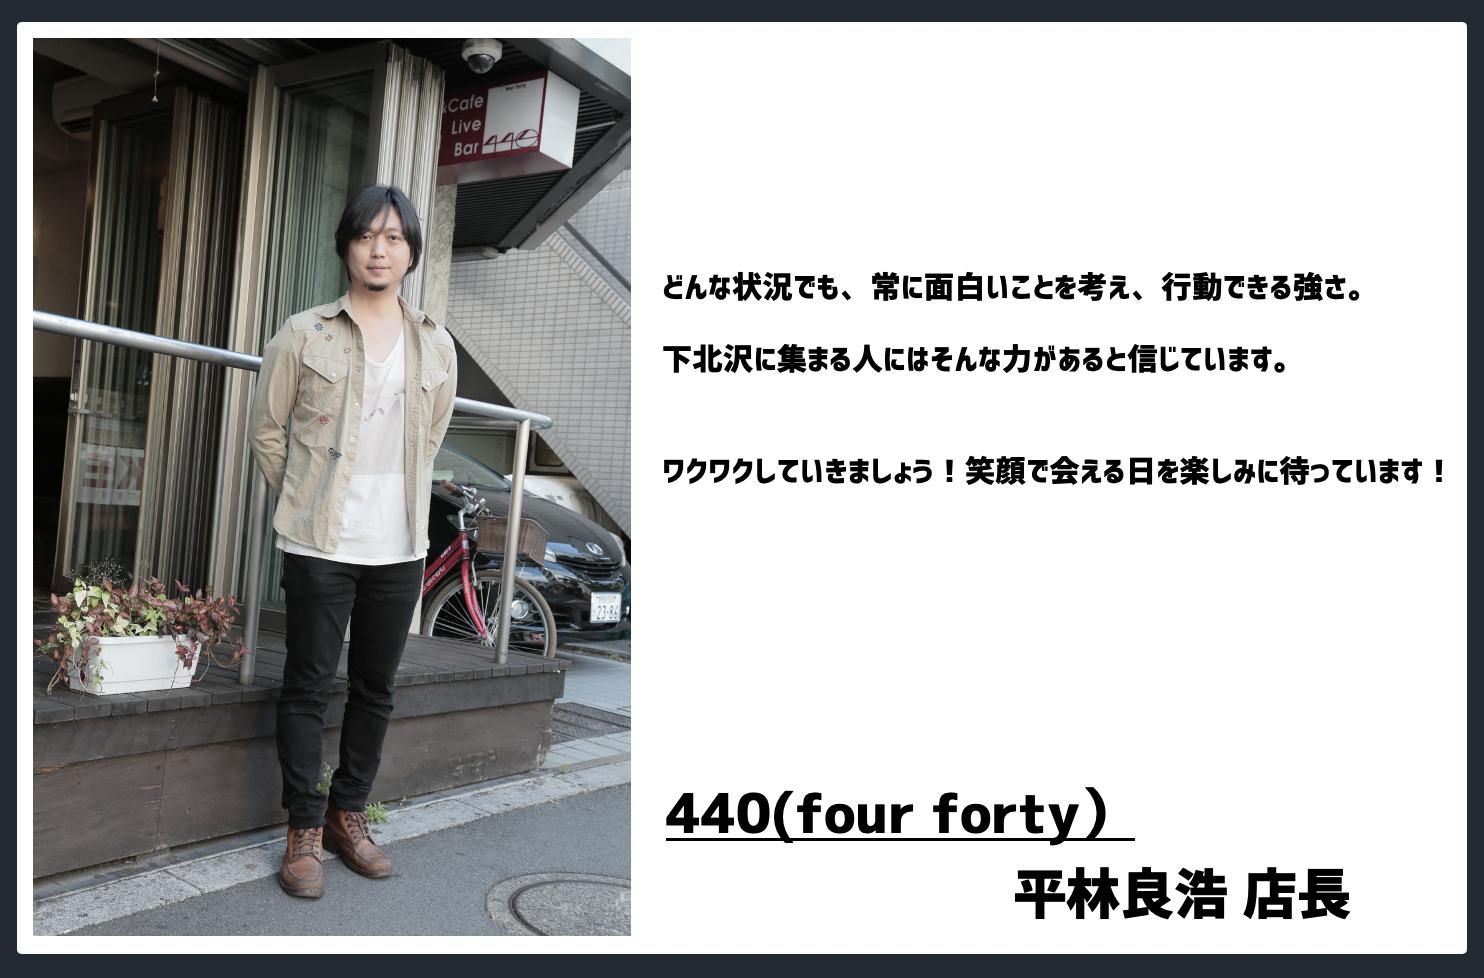 スクリーンショット_2020-05-29_20.20.02.png